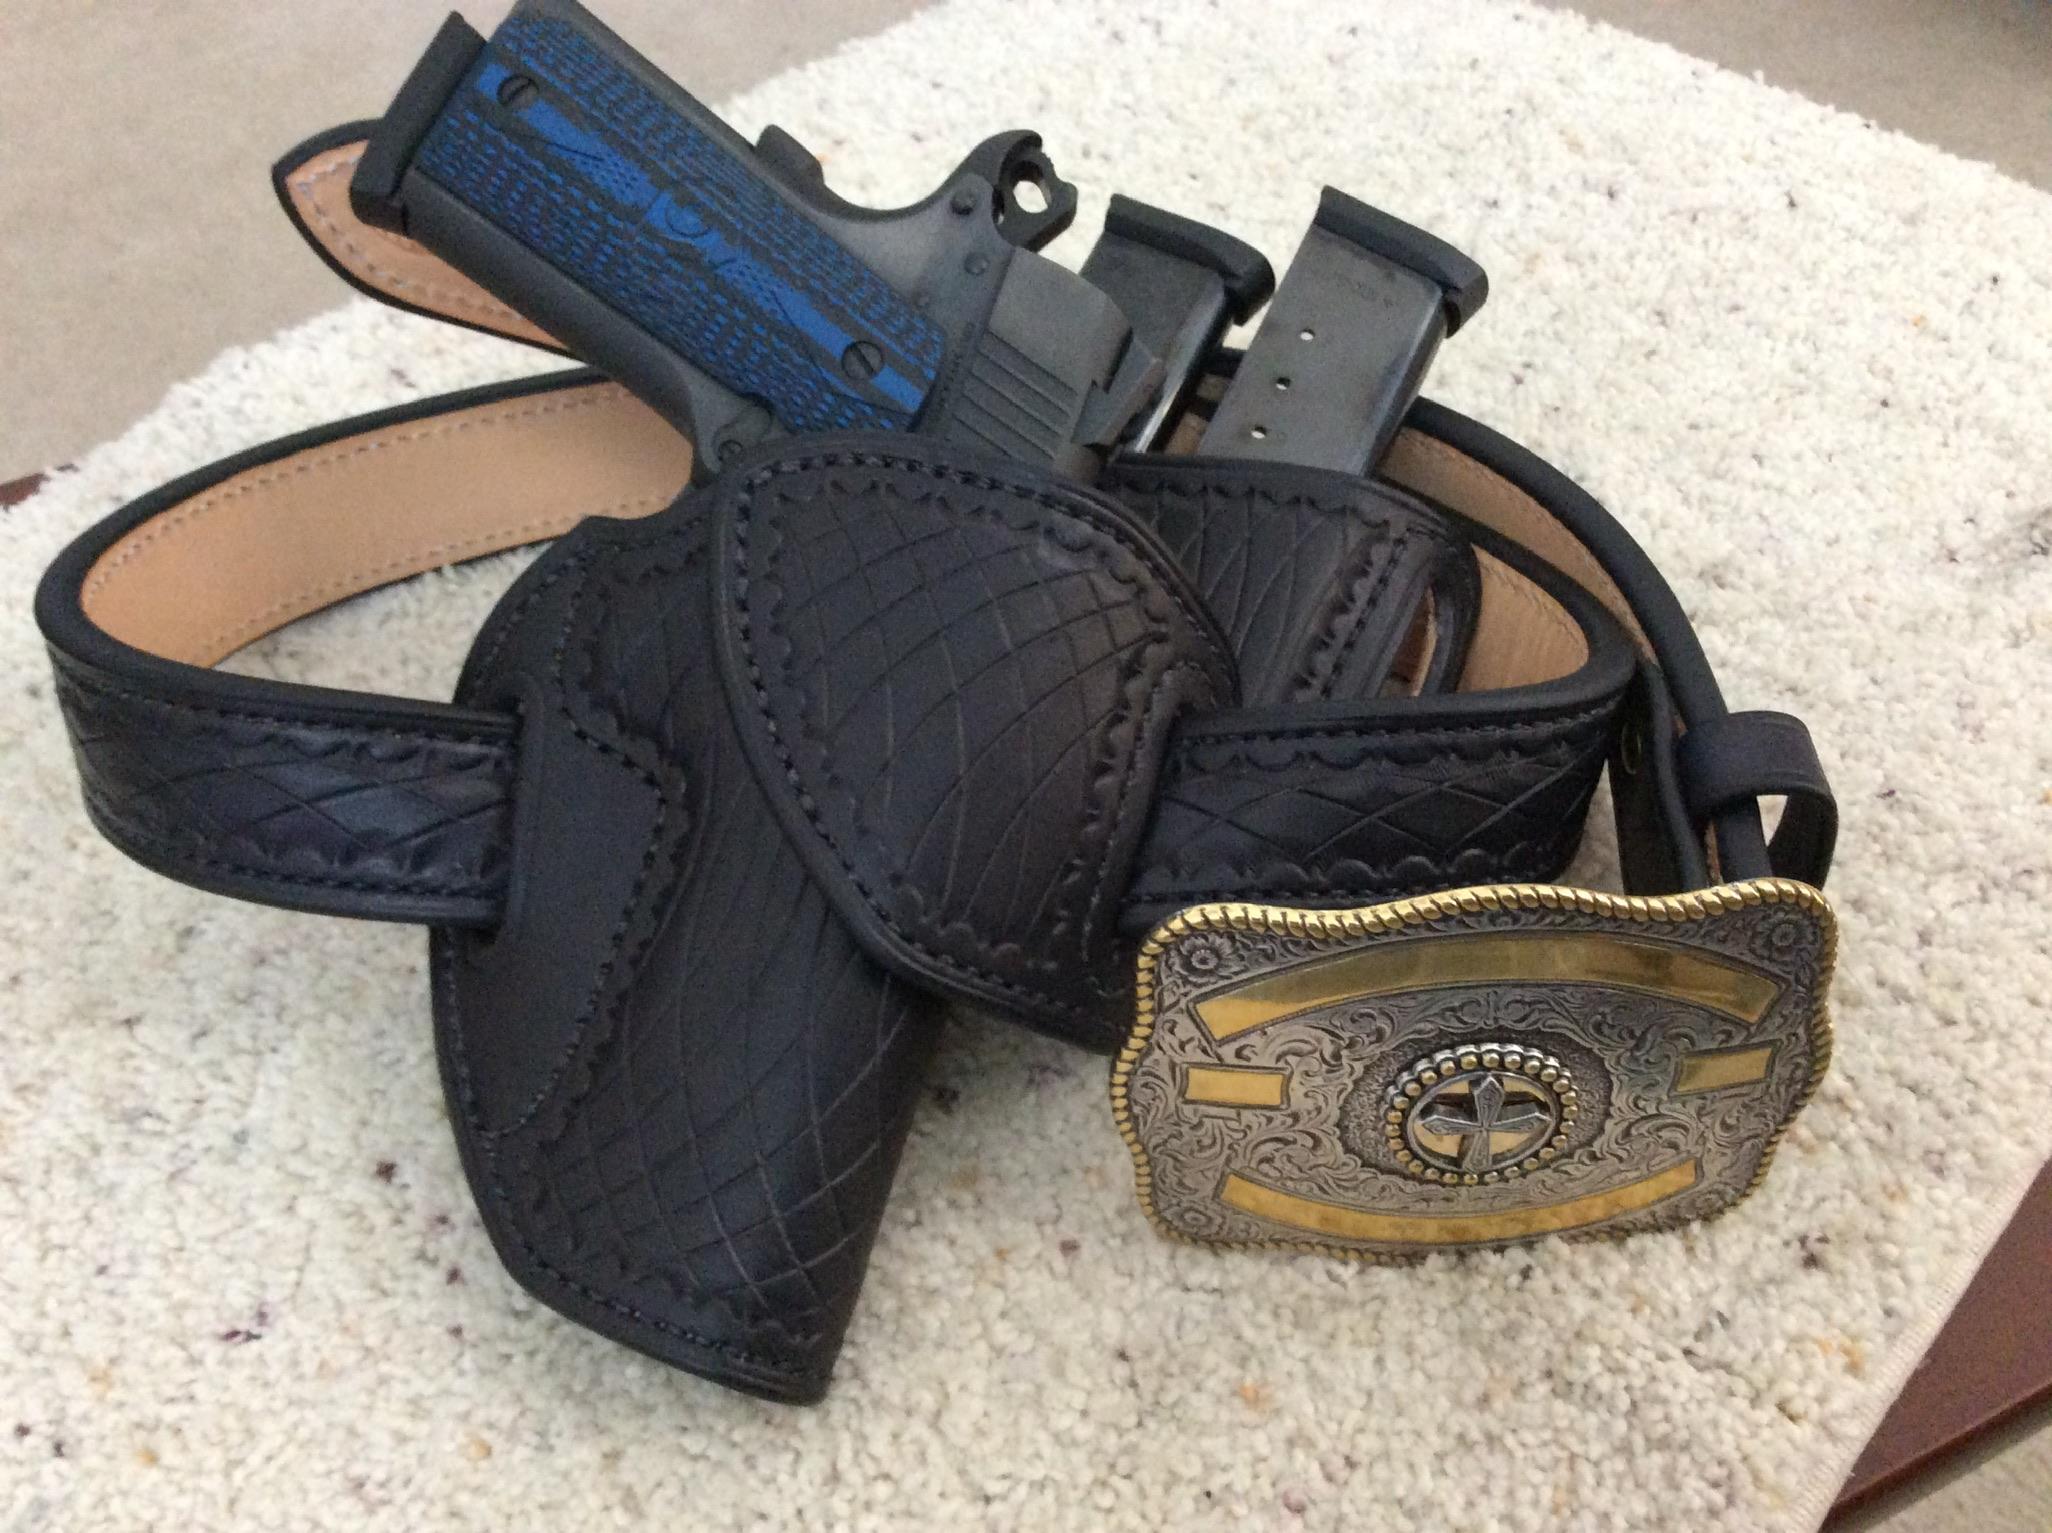 The BBQ gun.-aace31cc-6fda-497c-b5f1-c3401049d798.jpeg